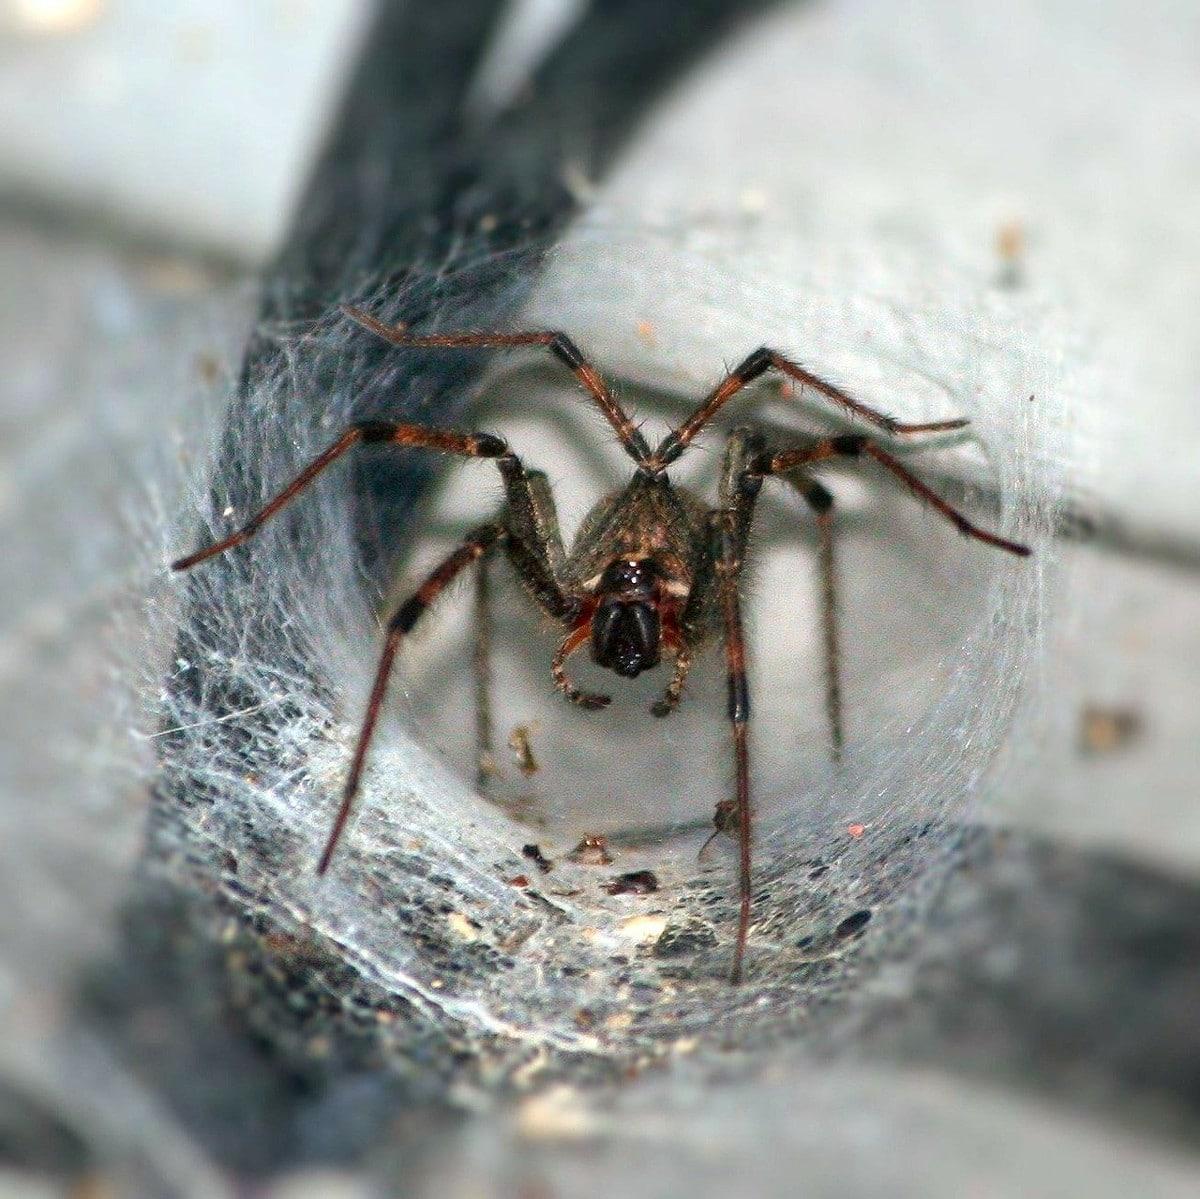 Características habituales de los tipos de arañas en España